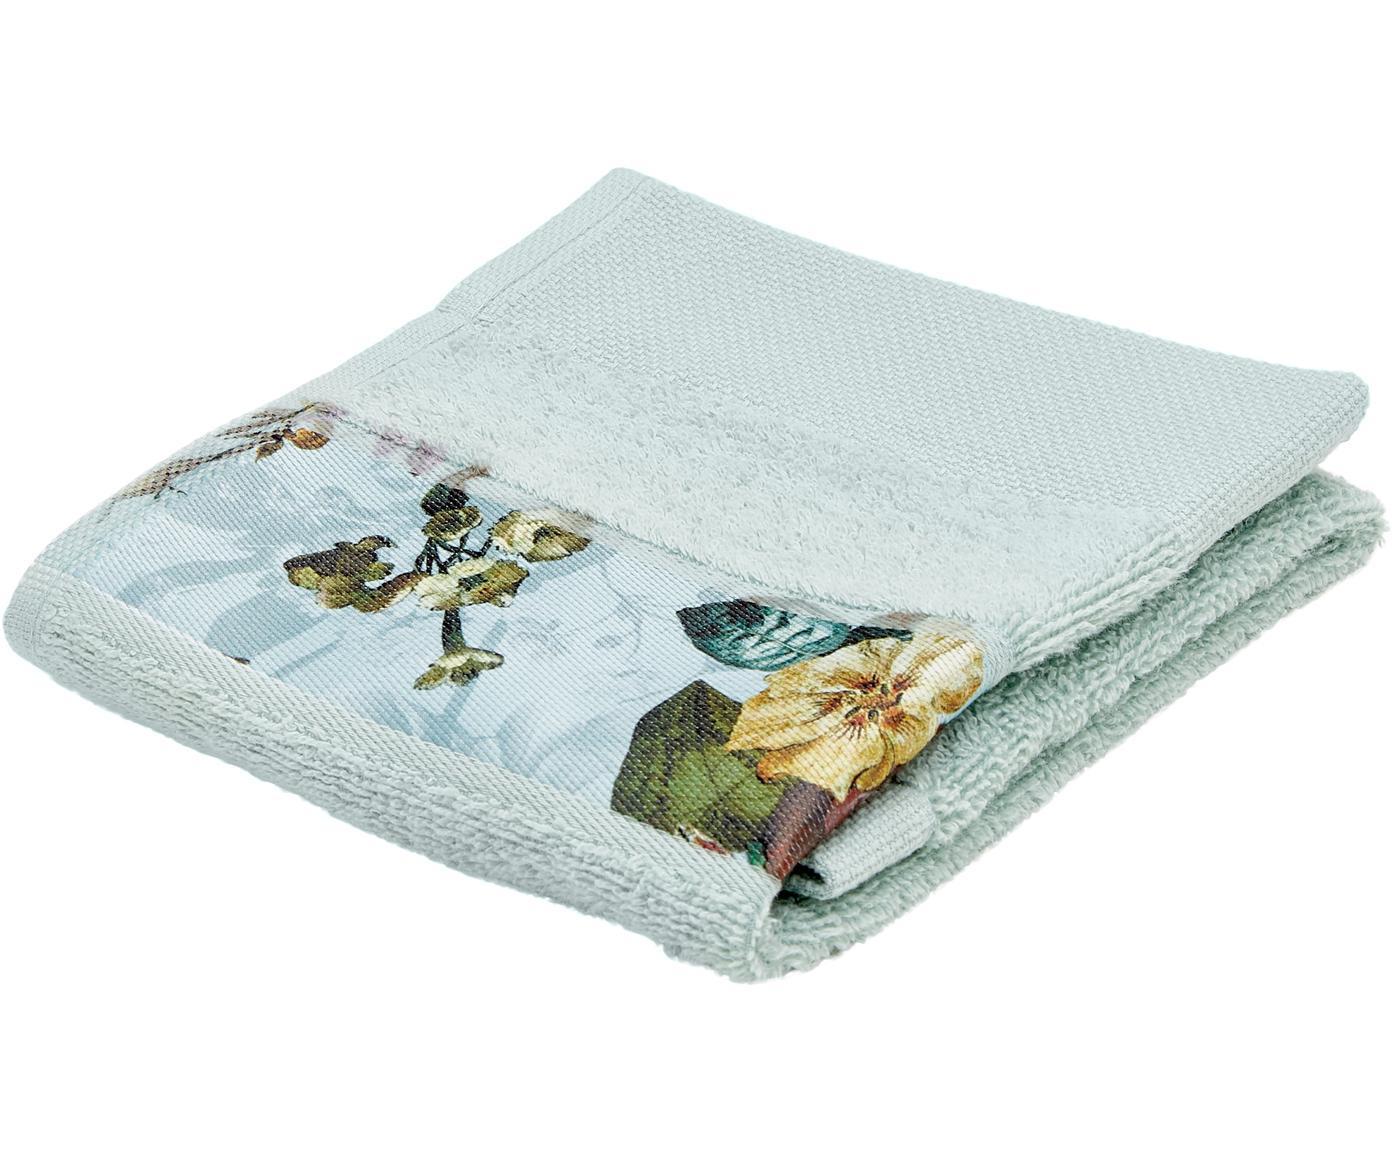 Ręcznik Fleur, 97% bawełna, 3% poliester, Zielony miętowy, wielobarwny, Ręcznik dla gości